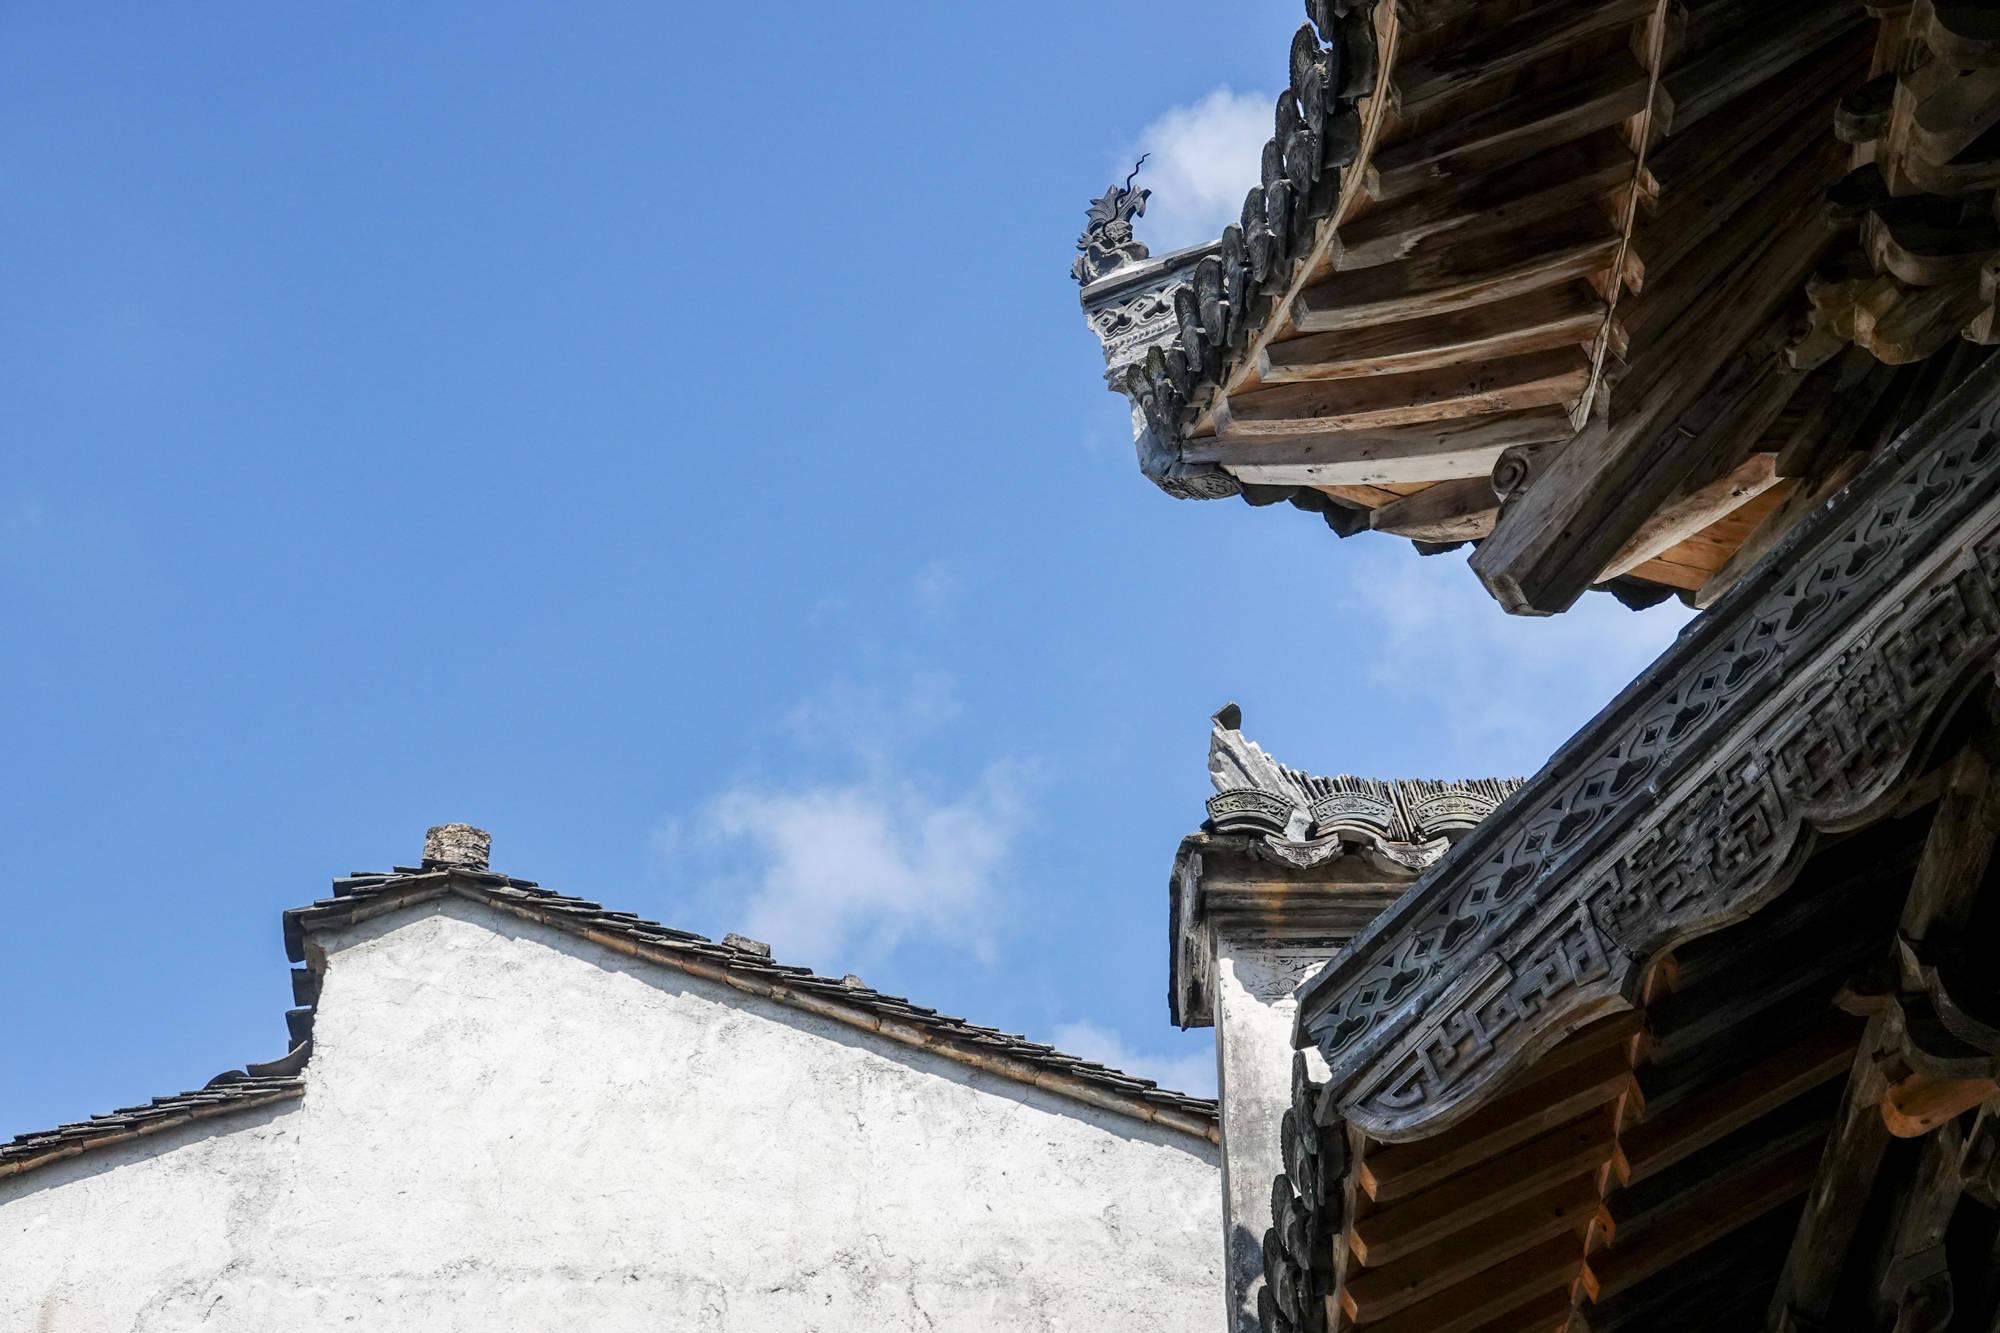 比宏村还有名的古村落,《卧虎藏龙》拍摄地,300多幢明清古民居